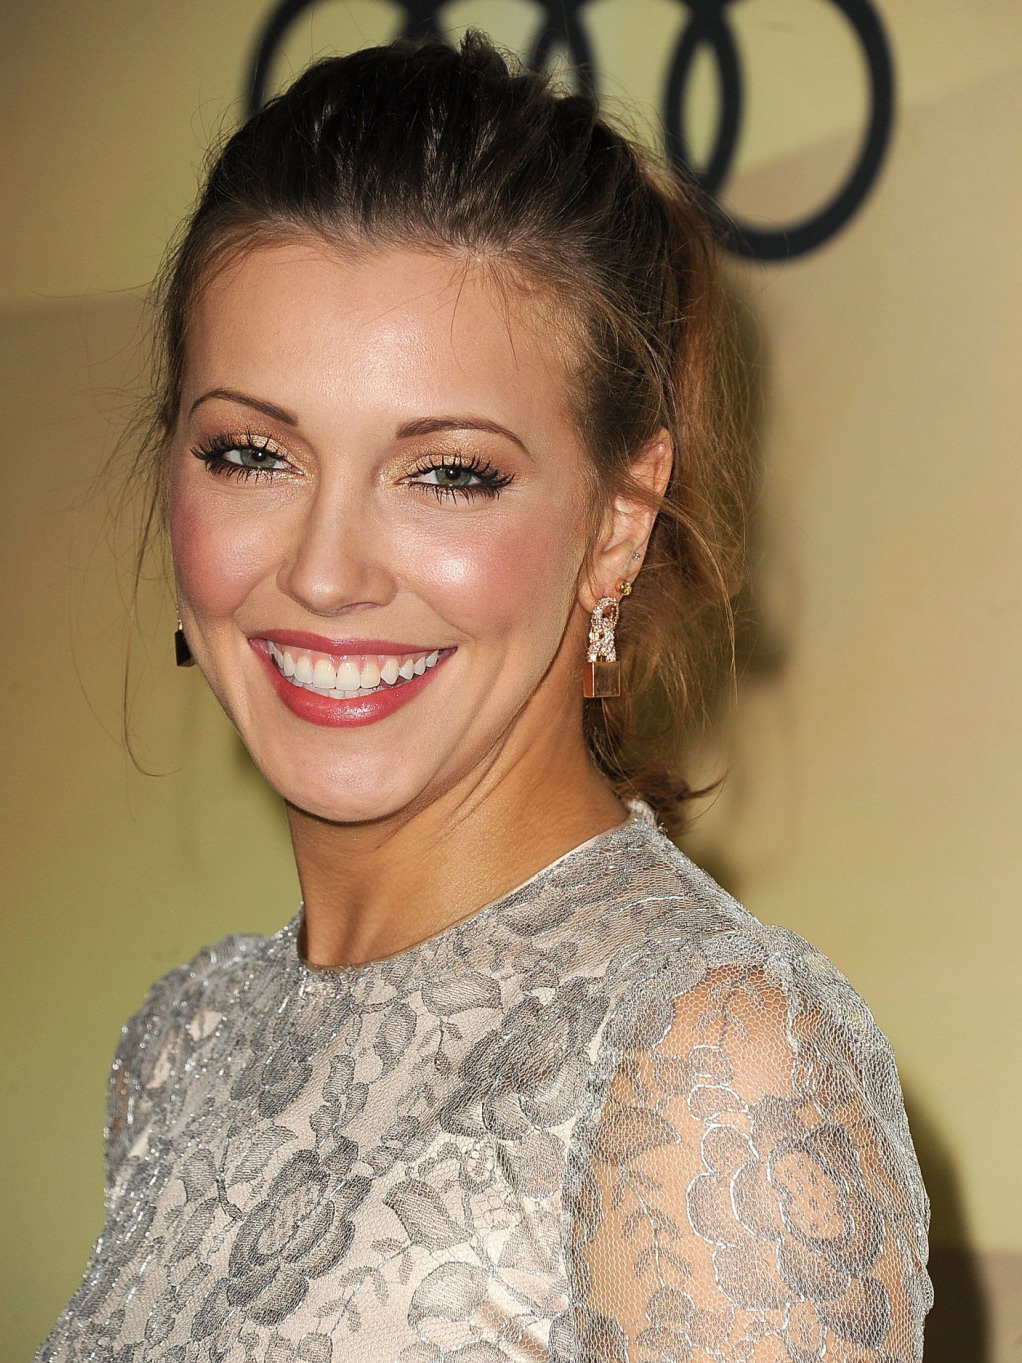 Katie Cassidy maquillage 2013